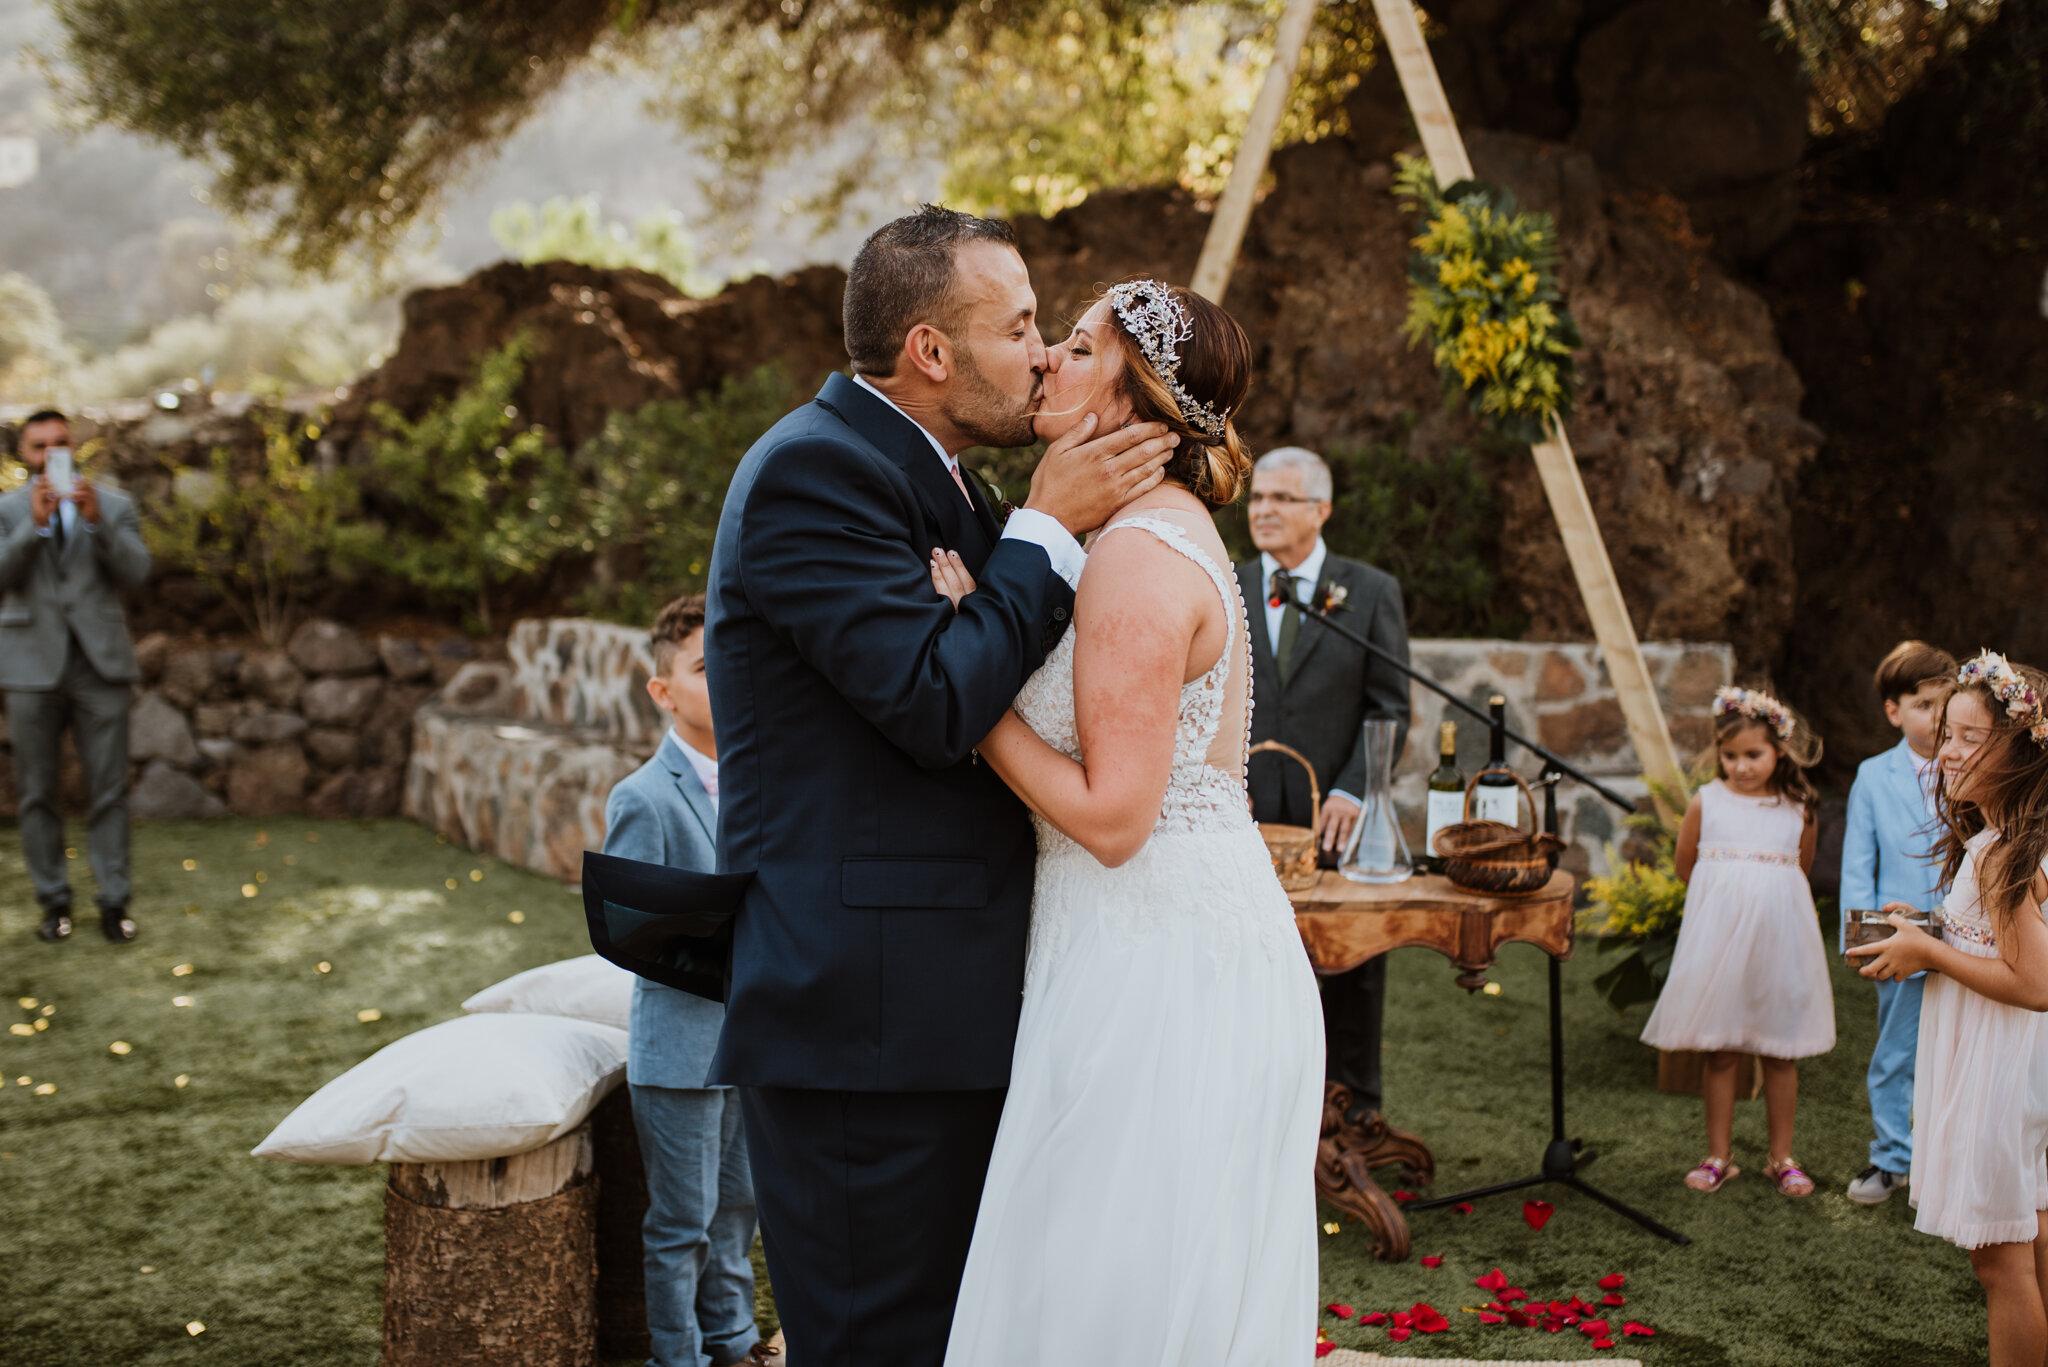 fotografo de bodas las palmas_-47.jpg